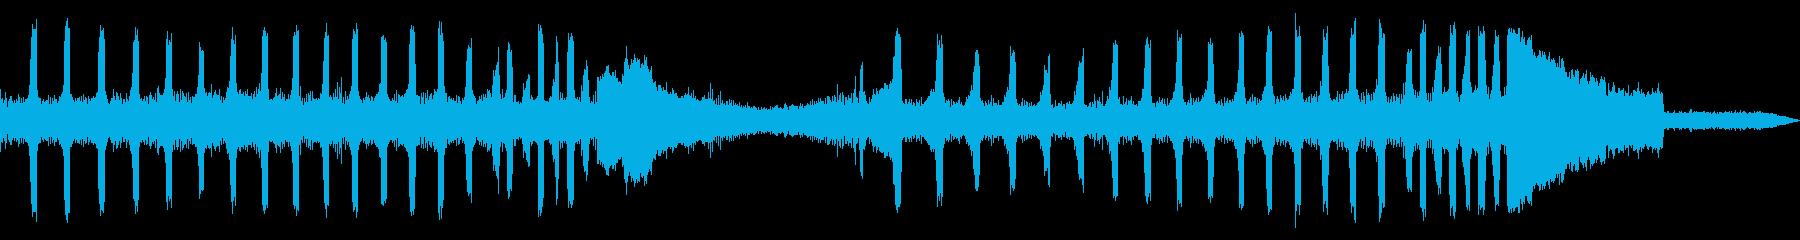 ツクツクボウシの鳴き声(近距離で合唱)の再生済みの波形